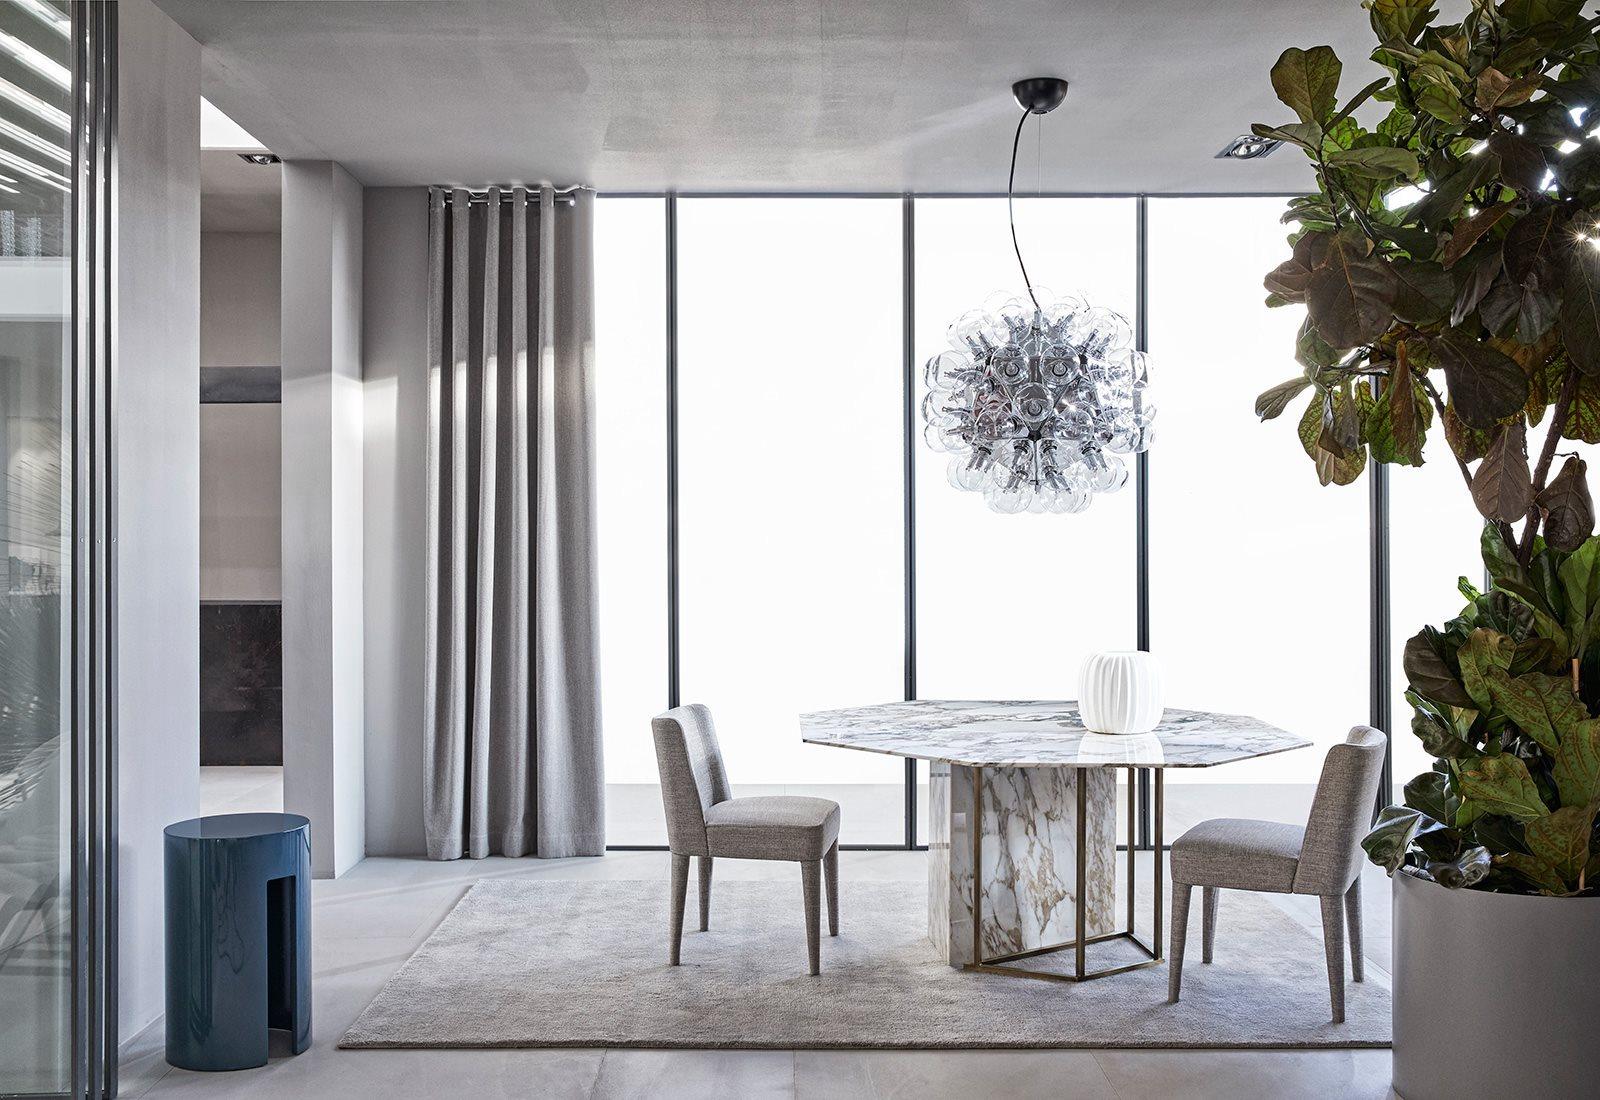 桌几|餐桌|创意家具|现代家居|时尚家具|设计师家具|定制家具|实木家具|plinto餐桌